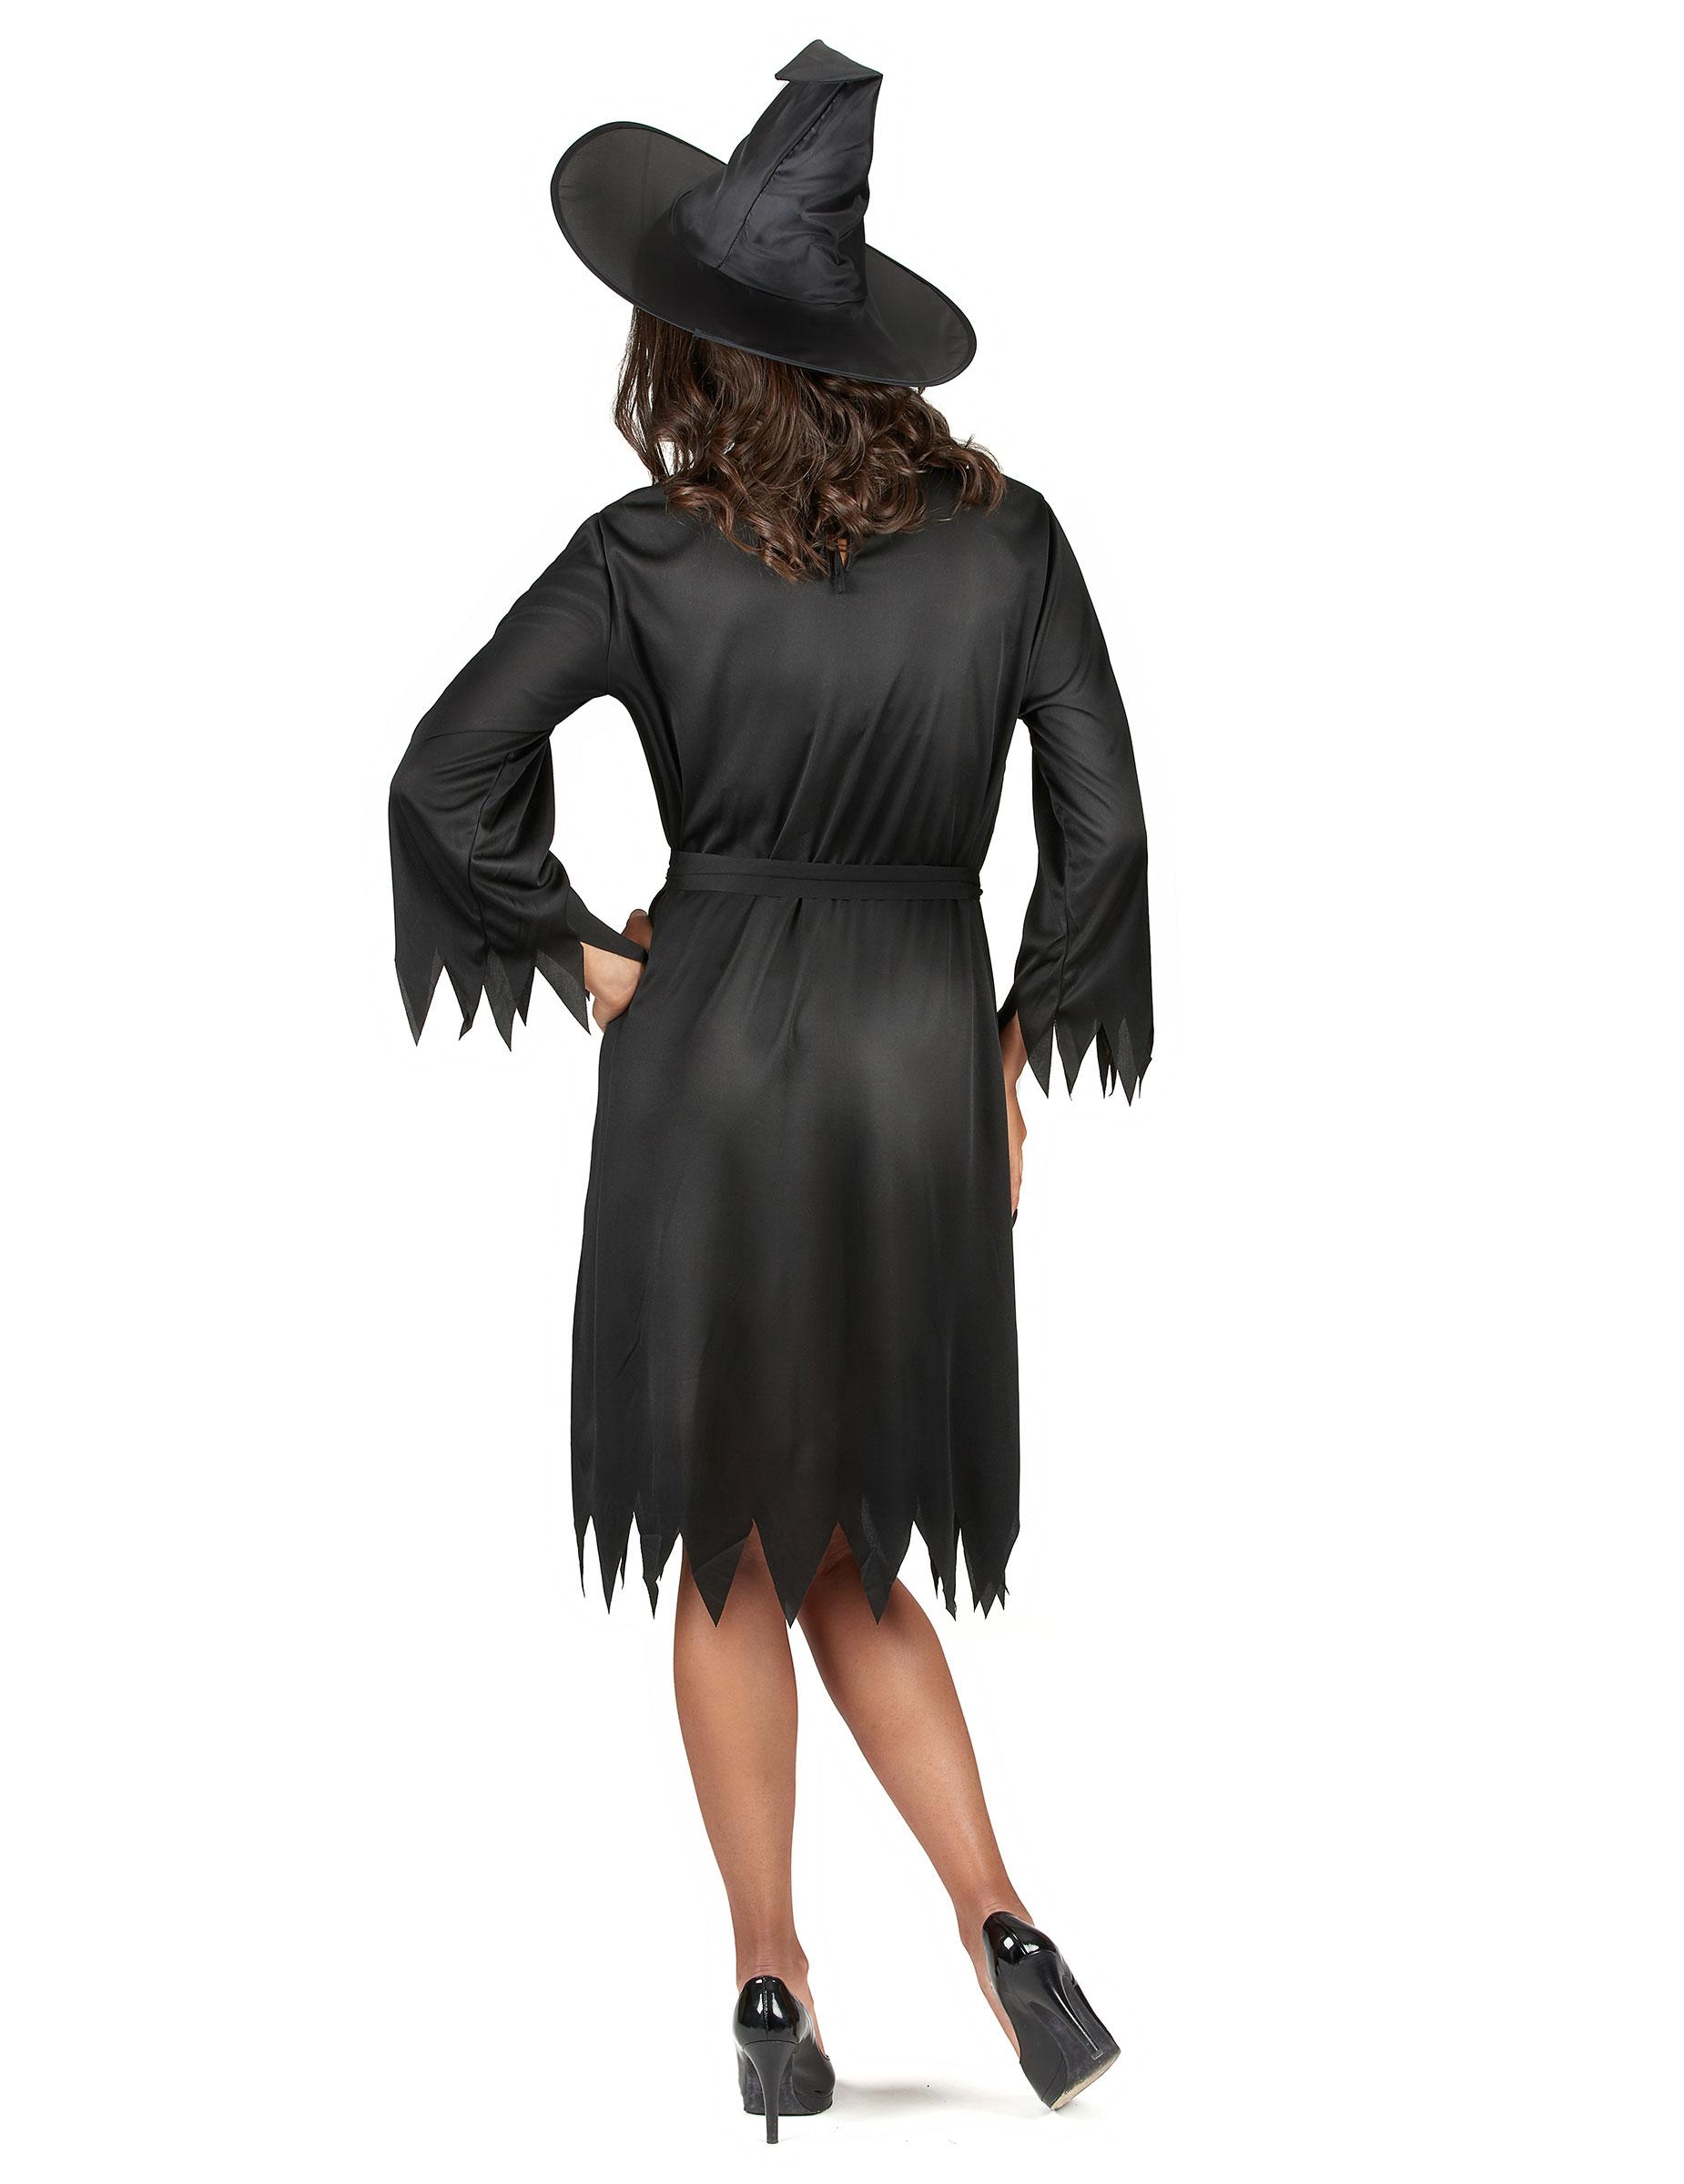 D guisement sorci re femme halloween deguise toi achat - Deguisement halloween femme ...